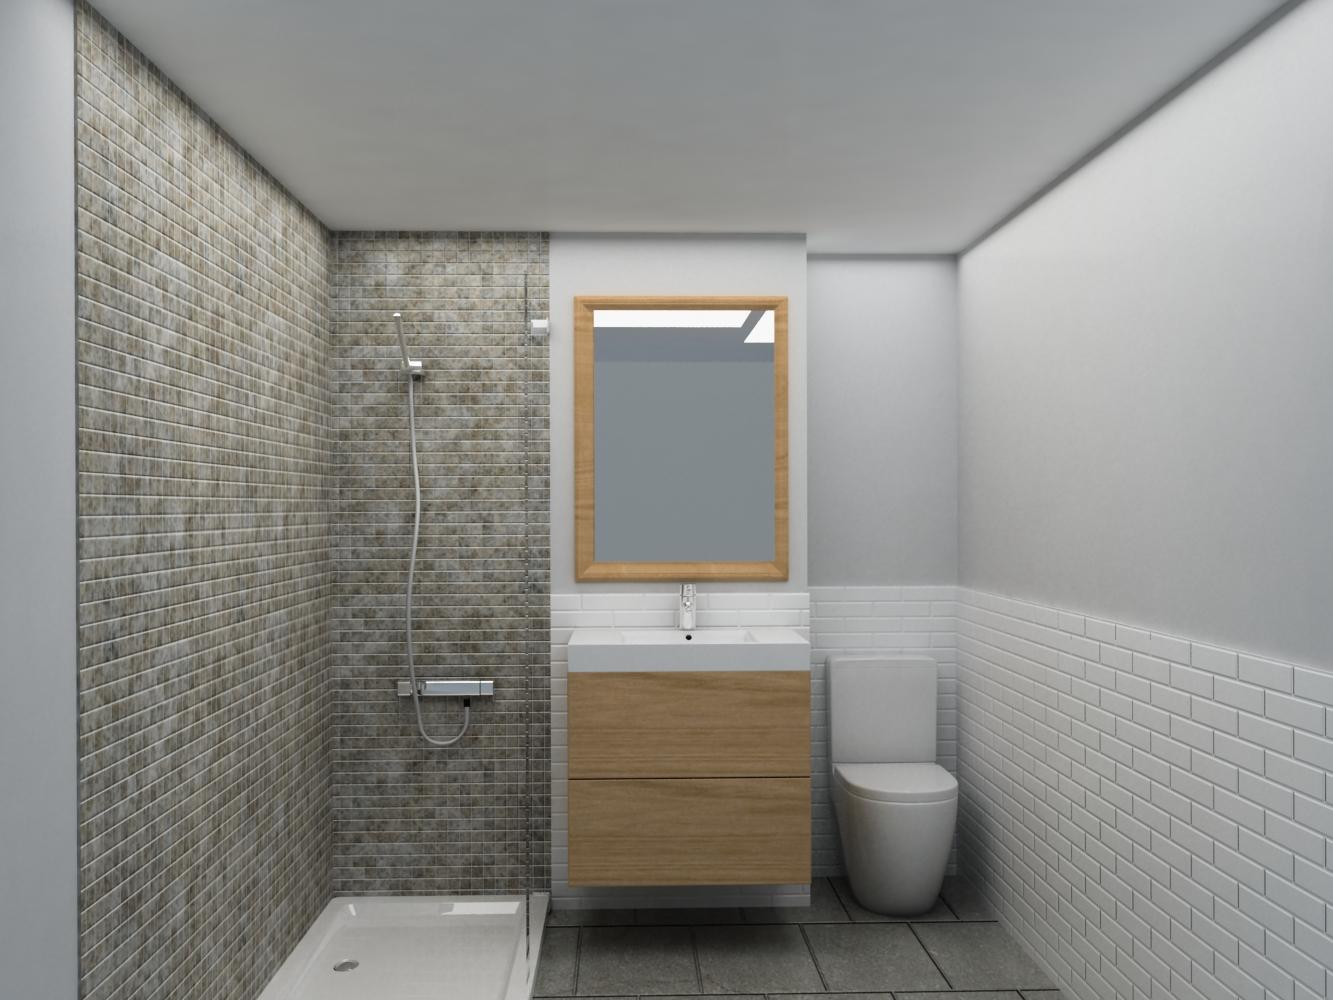 proyecto de reforma de baño y cocina en avda. madrid - grupo